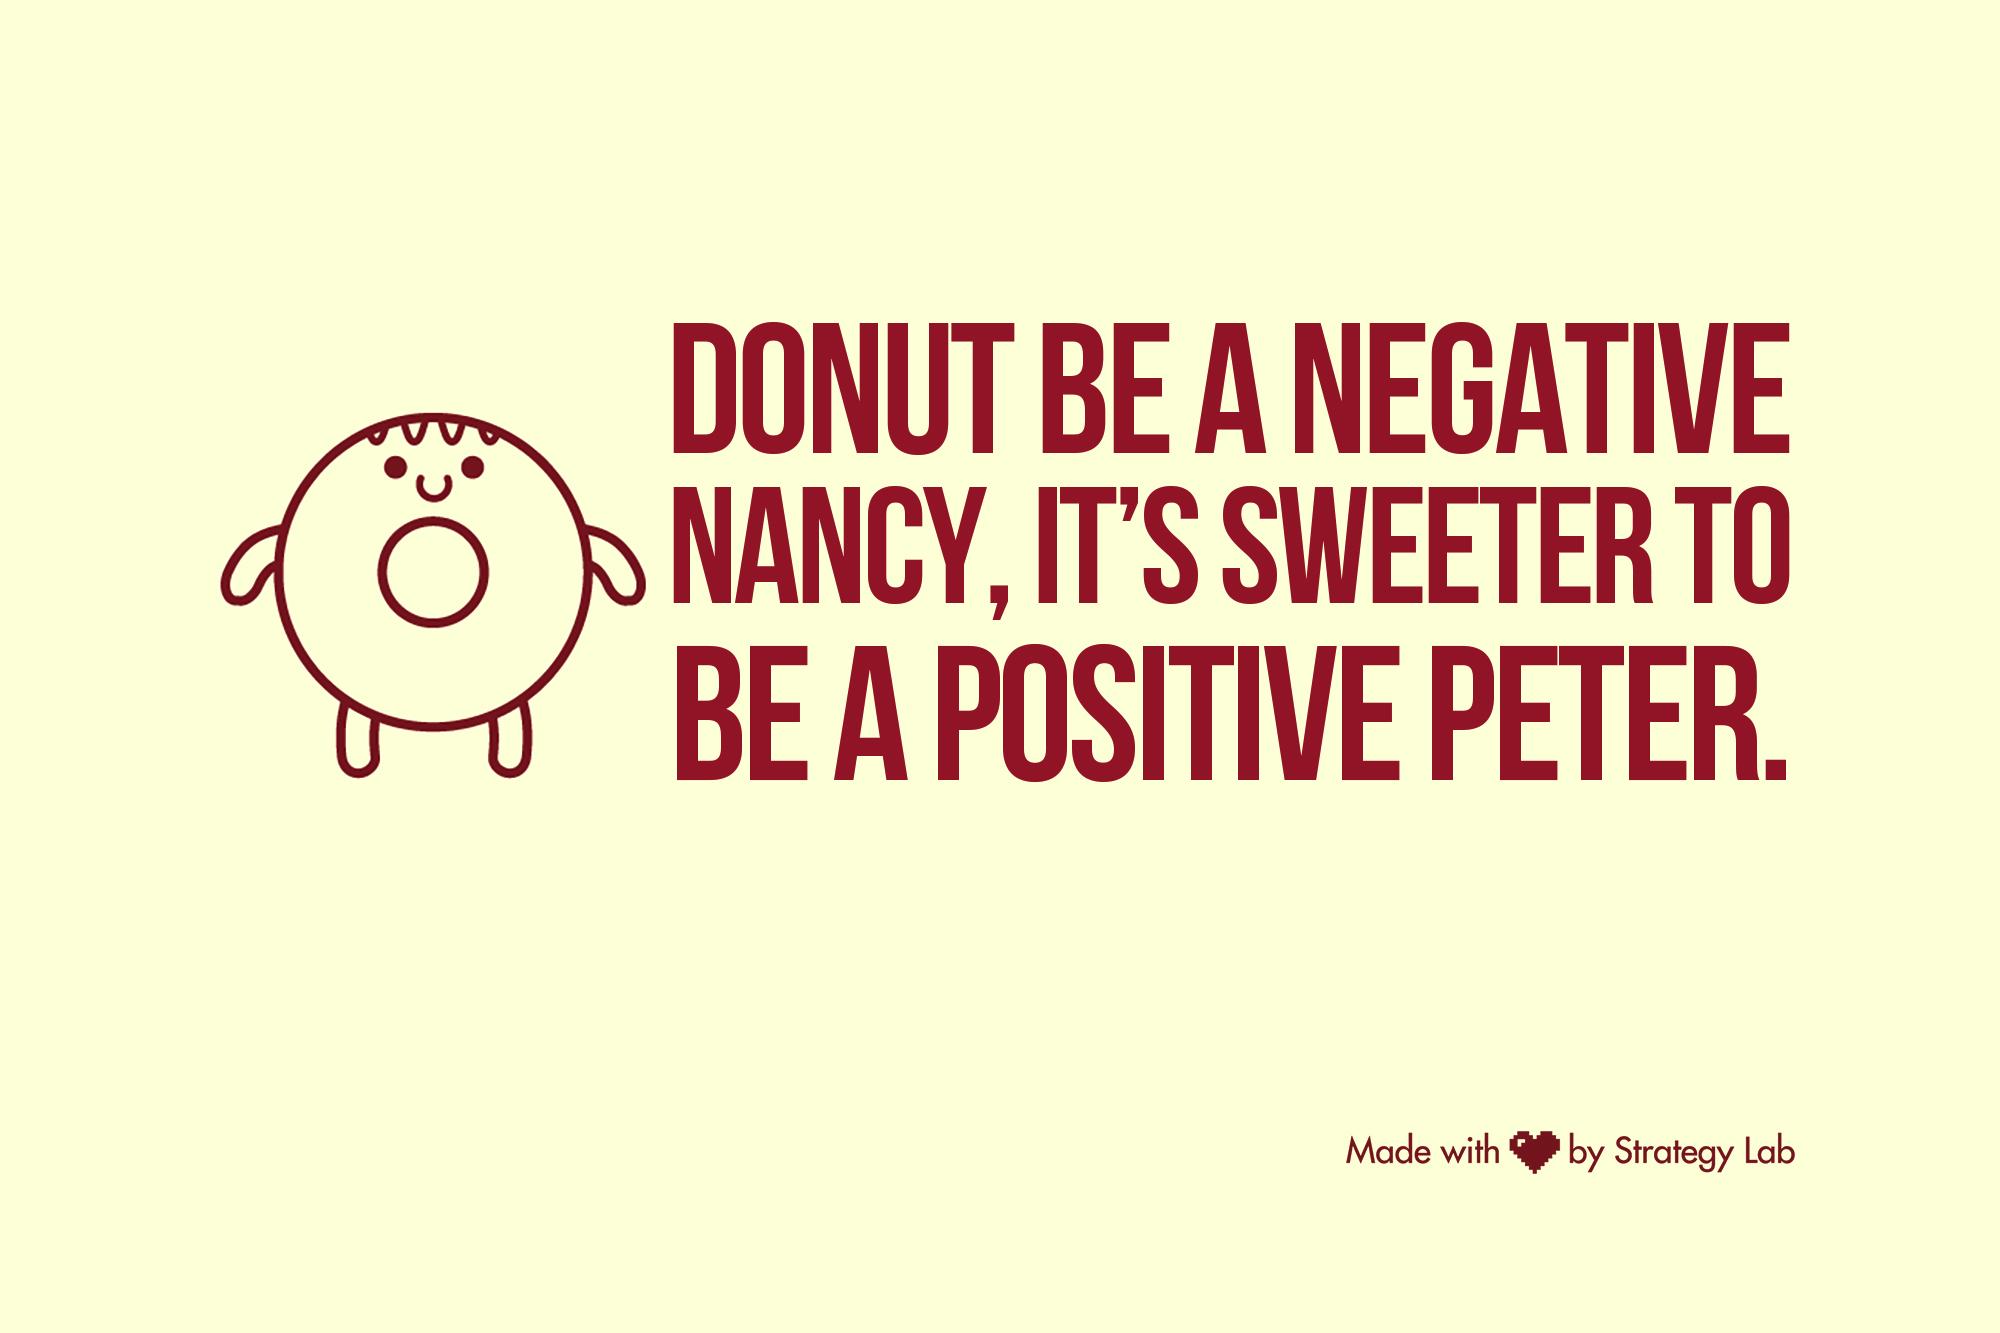 Donut be negative